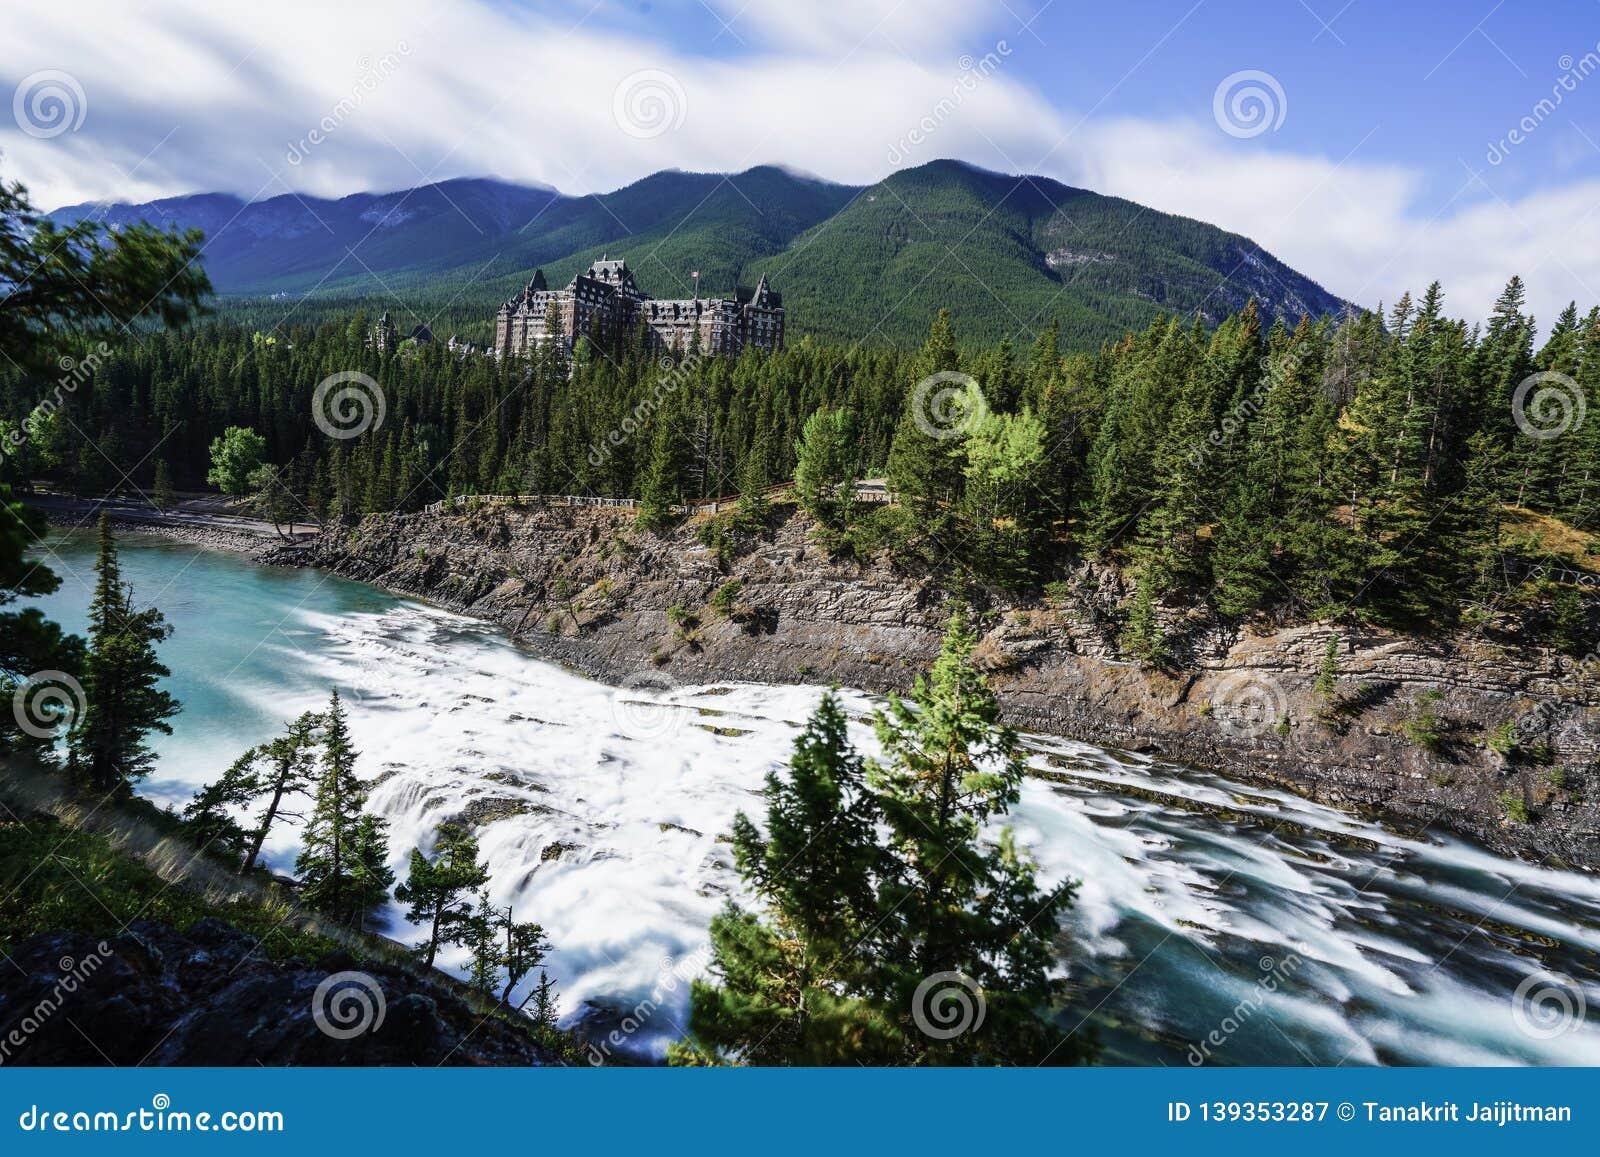 Fairmont Banff Springs encontrado dentro